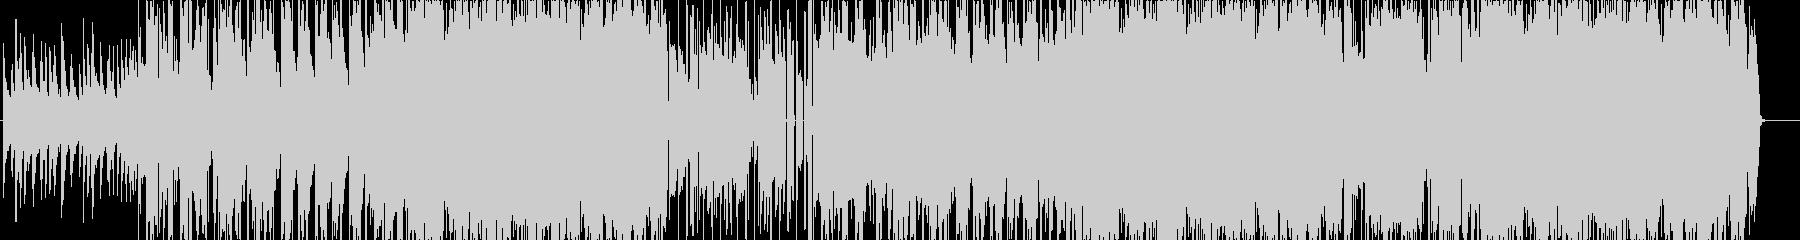 壮大で神秘的なLO-FI R&Bの未再生の波形